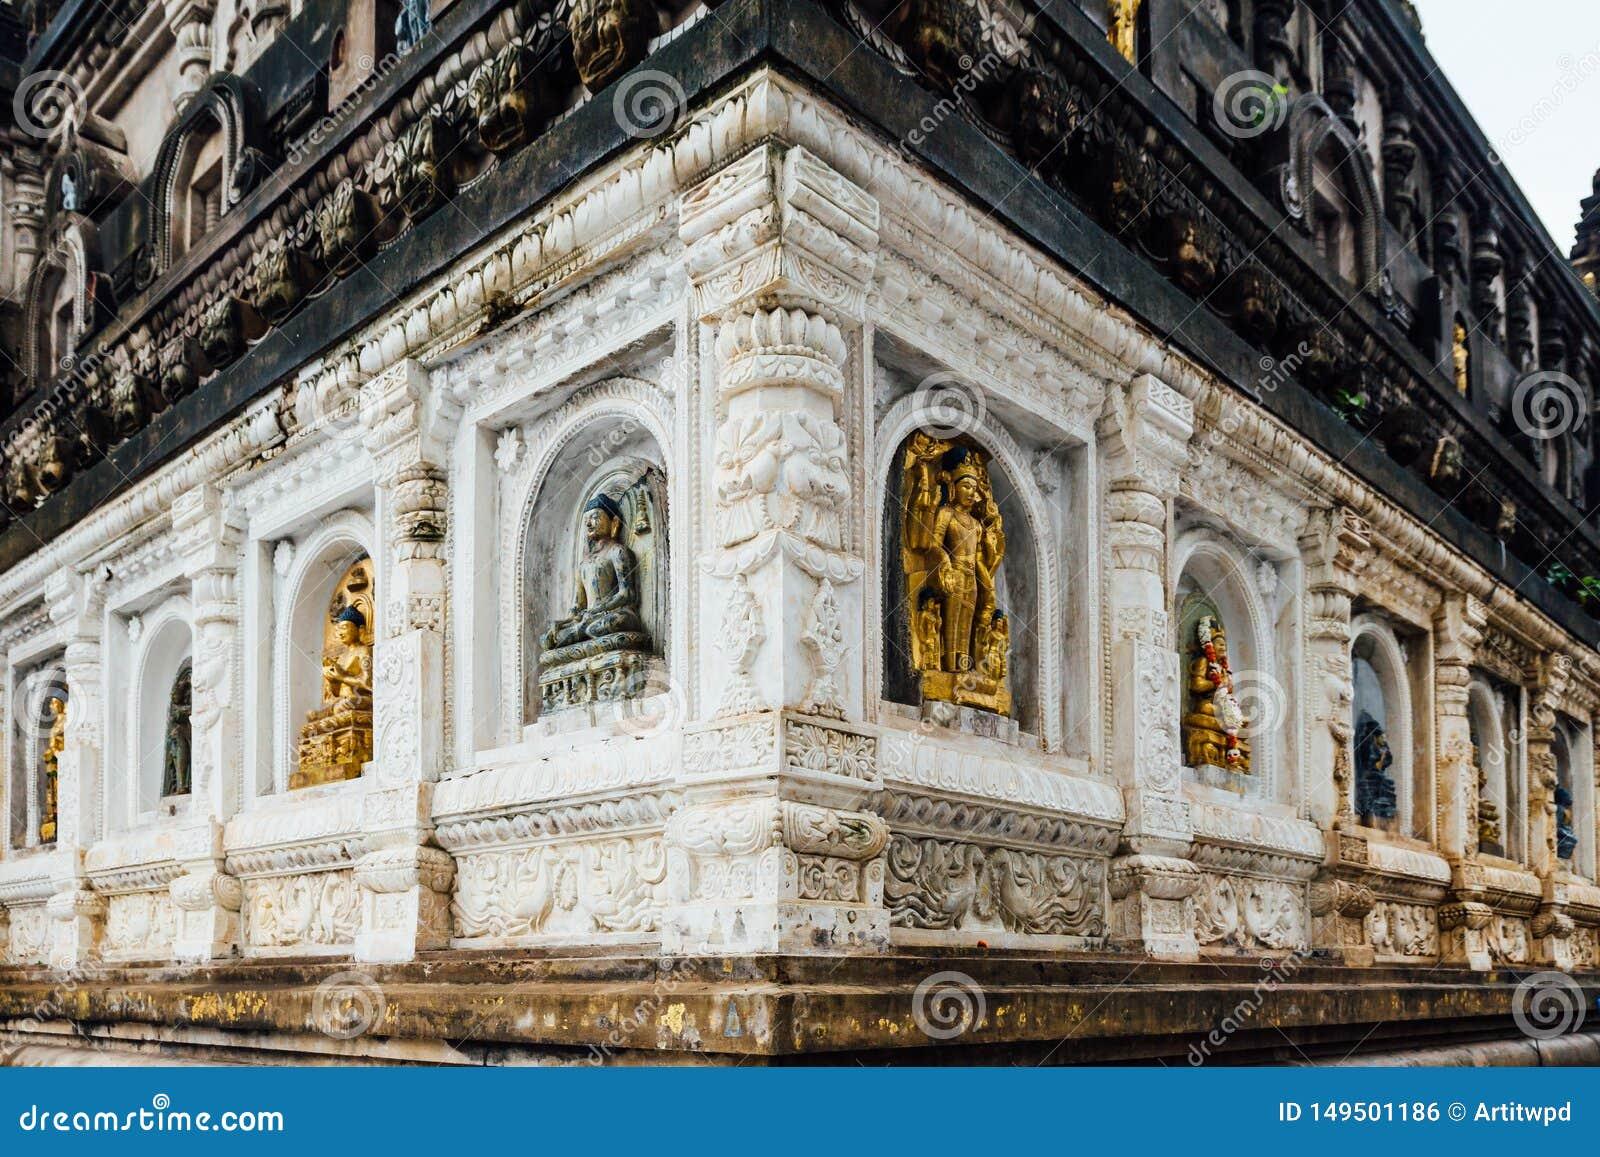 Muur van de tempel die met vele vormen en culturen van de antieke standbeelden van Boedha bij Mahabodhi-Tempel in Bodh Gaya verfr